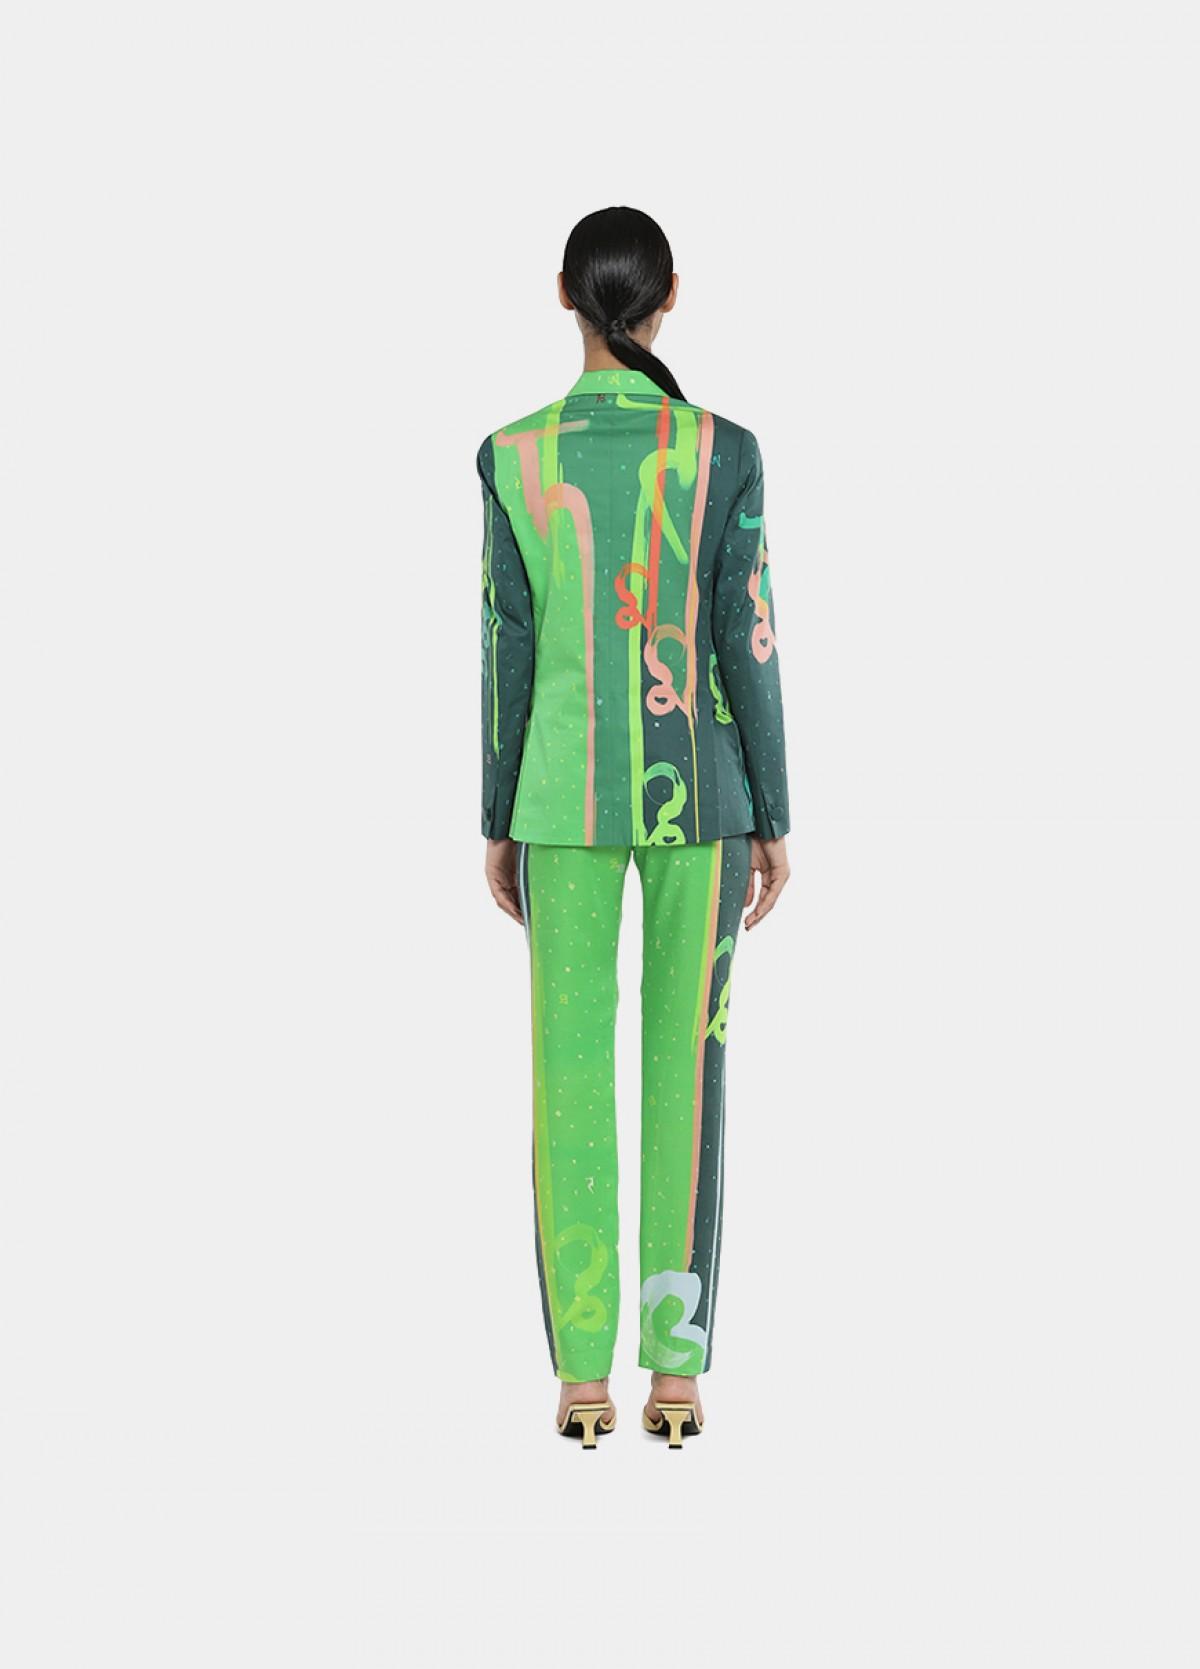 The Peter Pan Jacket